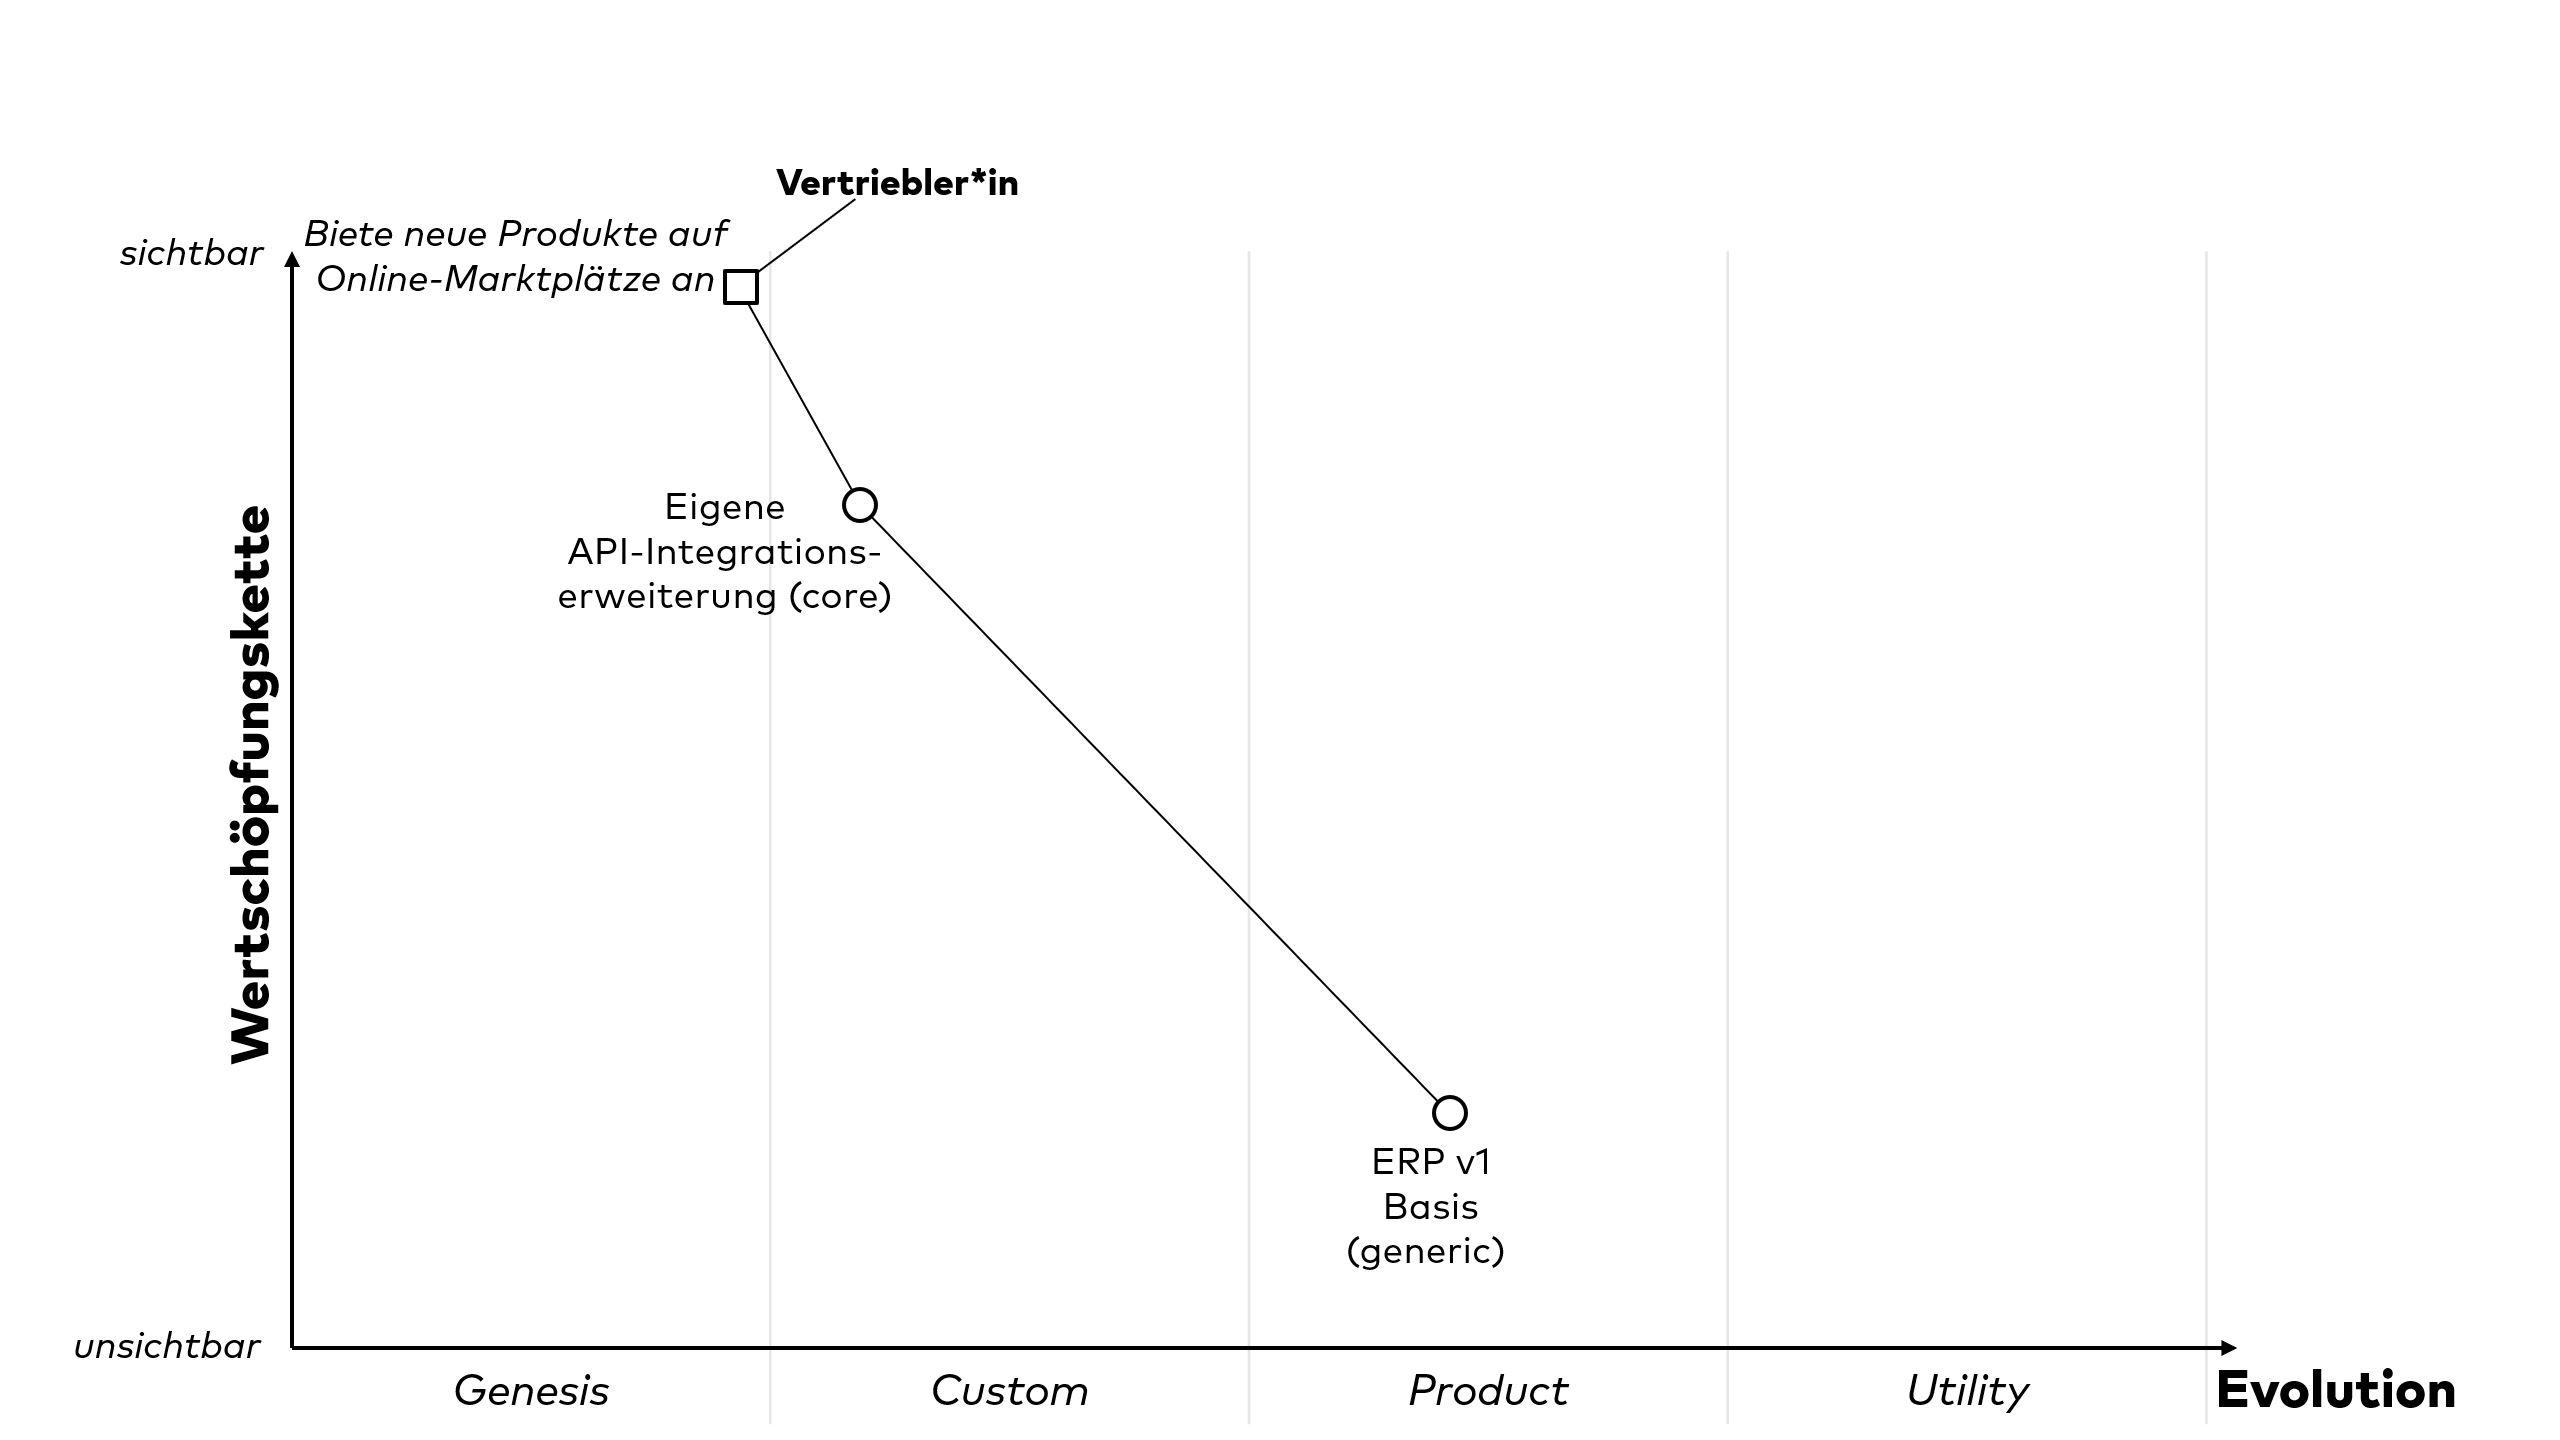 Visualisierung der Ausgangssituation des ERP-Systems mit einer Wardley Map